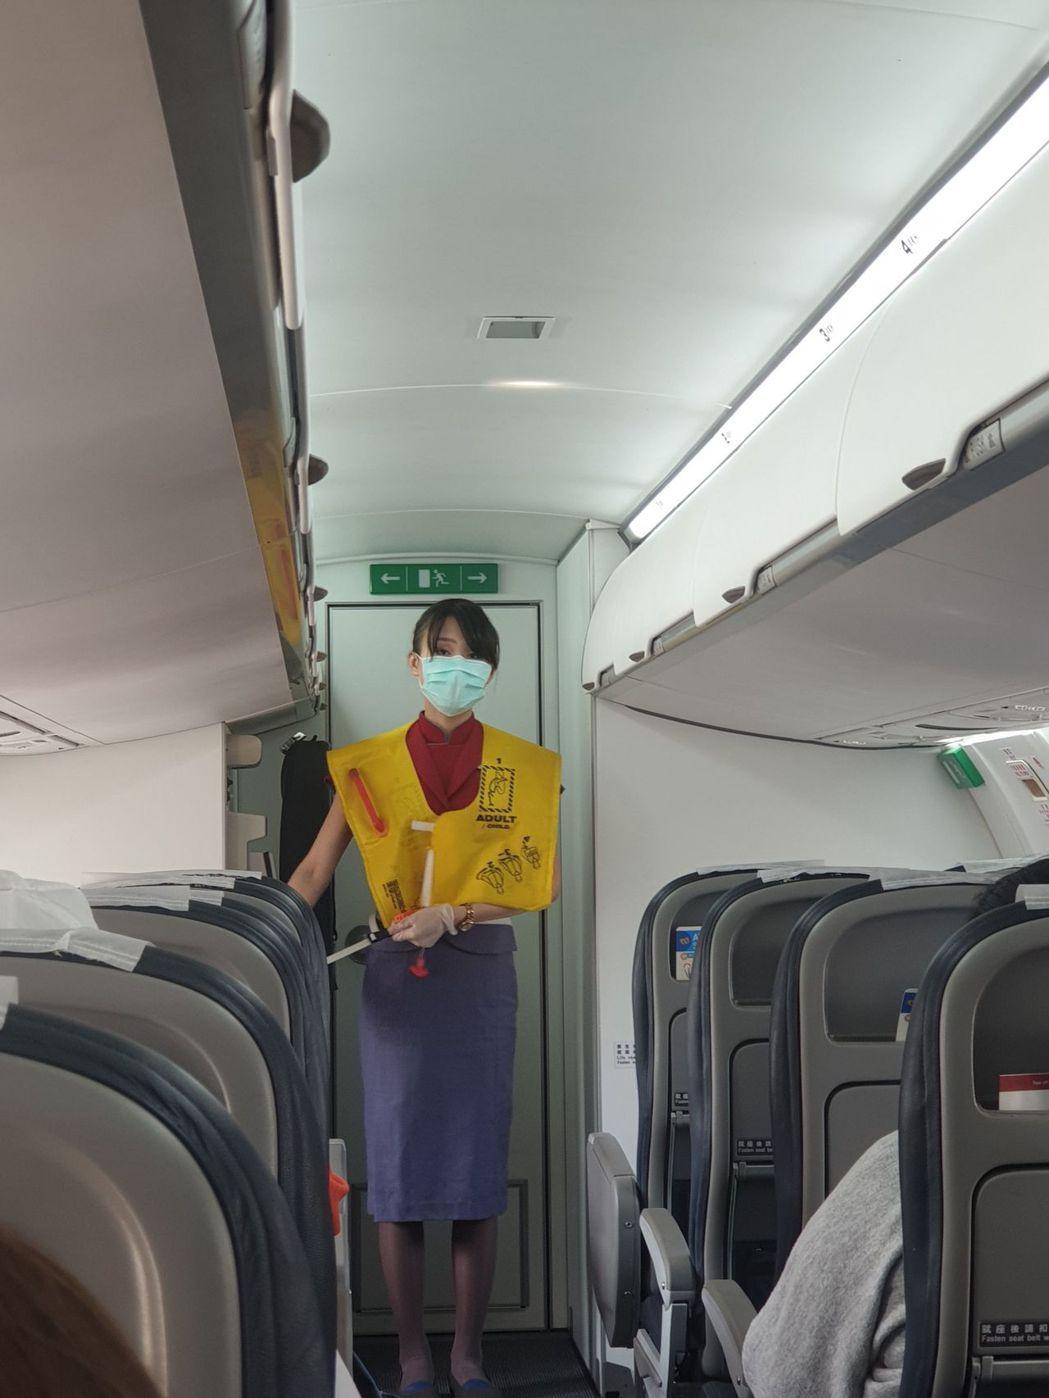 華信航空要求旅客須全程戴口罩、量體溫。圖/讀者提供